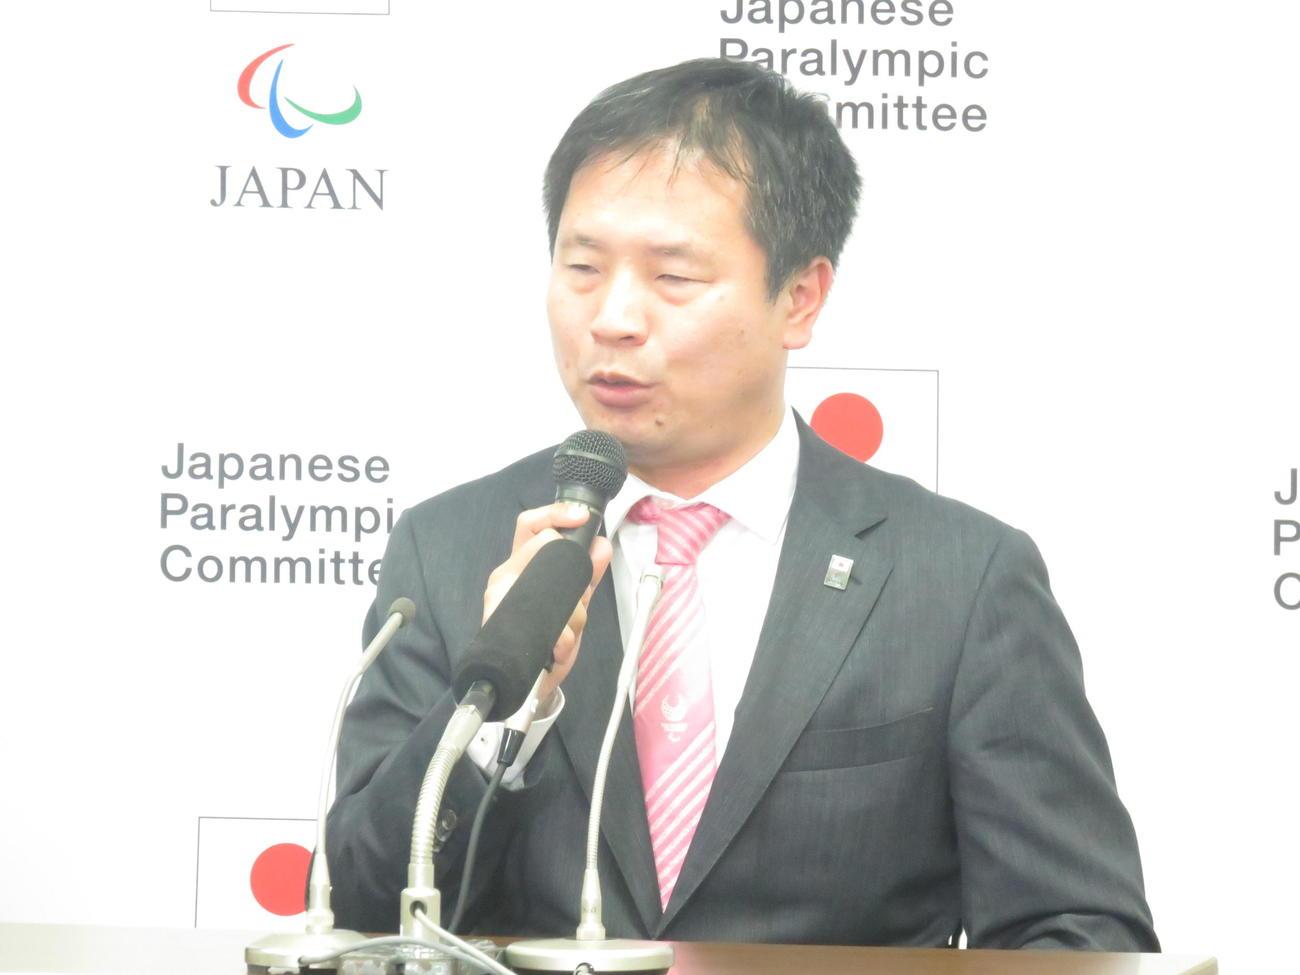 パラリンピック日本選手団長に就任した河合純一氏は会見で力強く抱負を語った(撮影・小堀泰男)